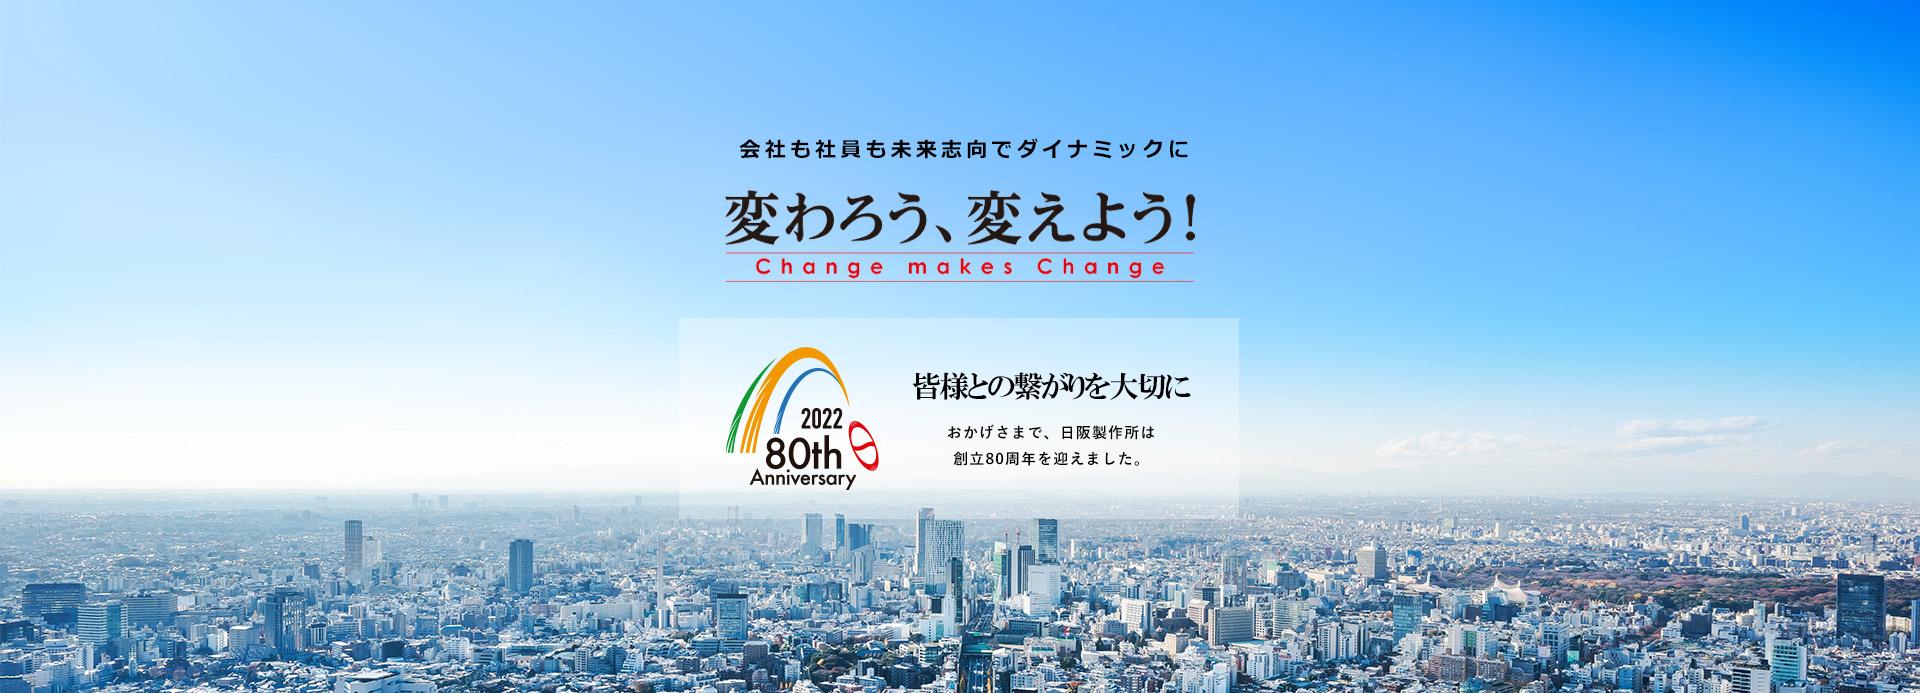 会社も社員も未来志向でダイナミックに変わろう、変えよう! Change makes Change